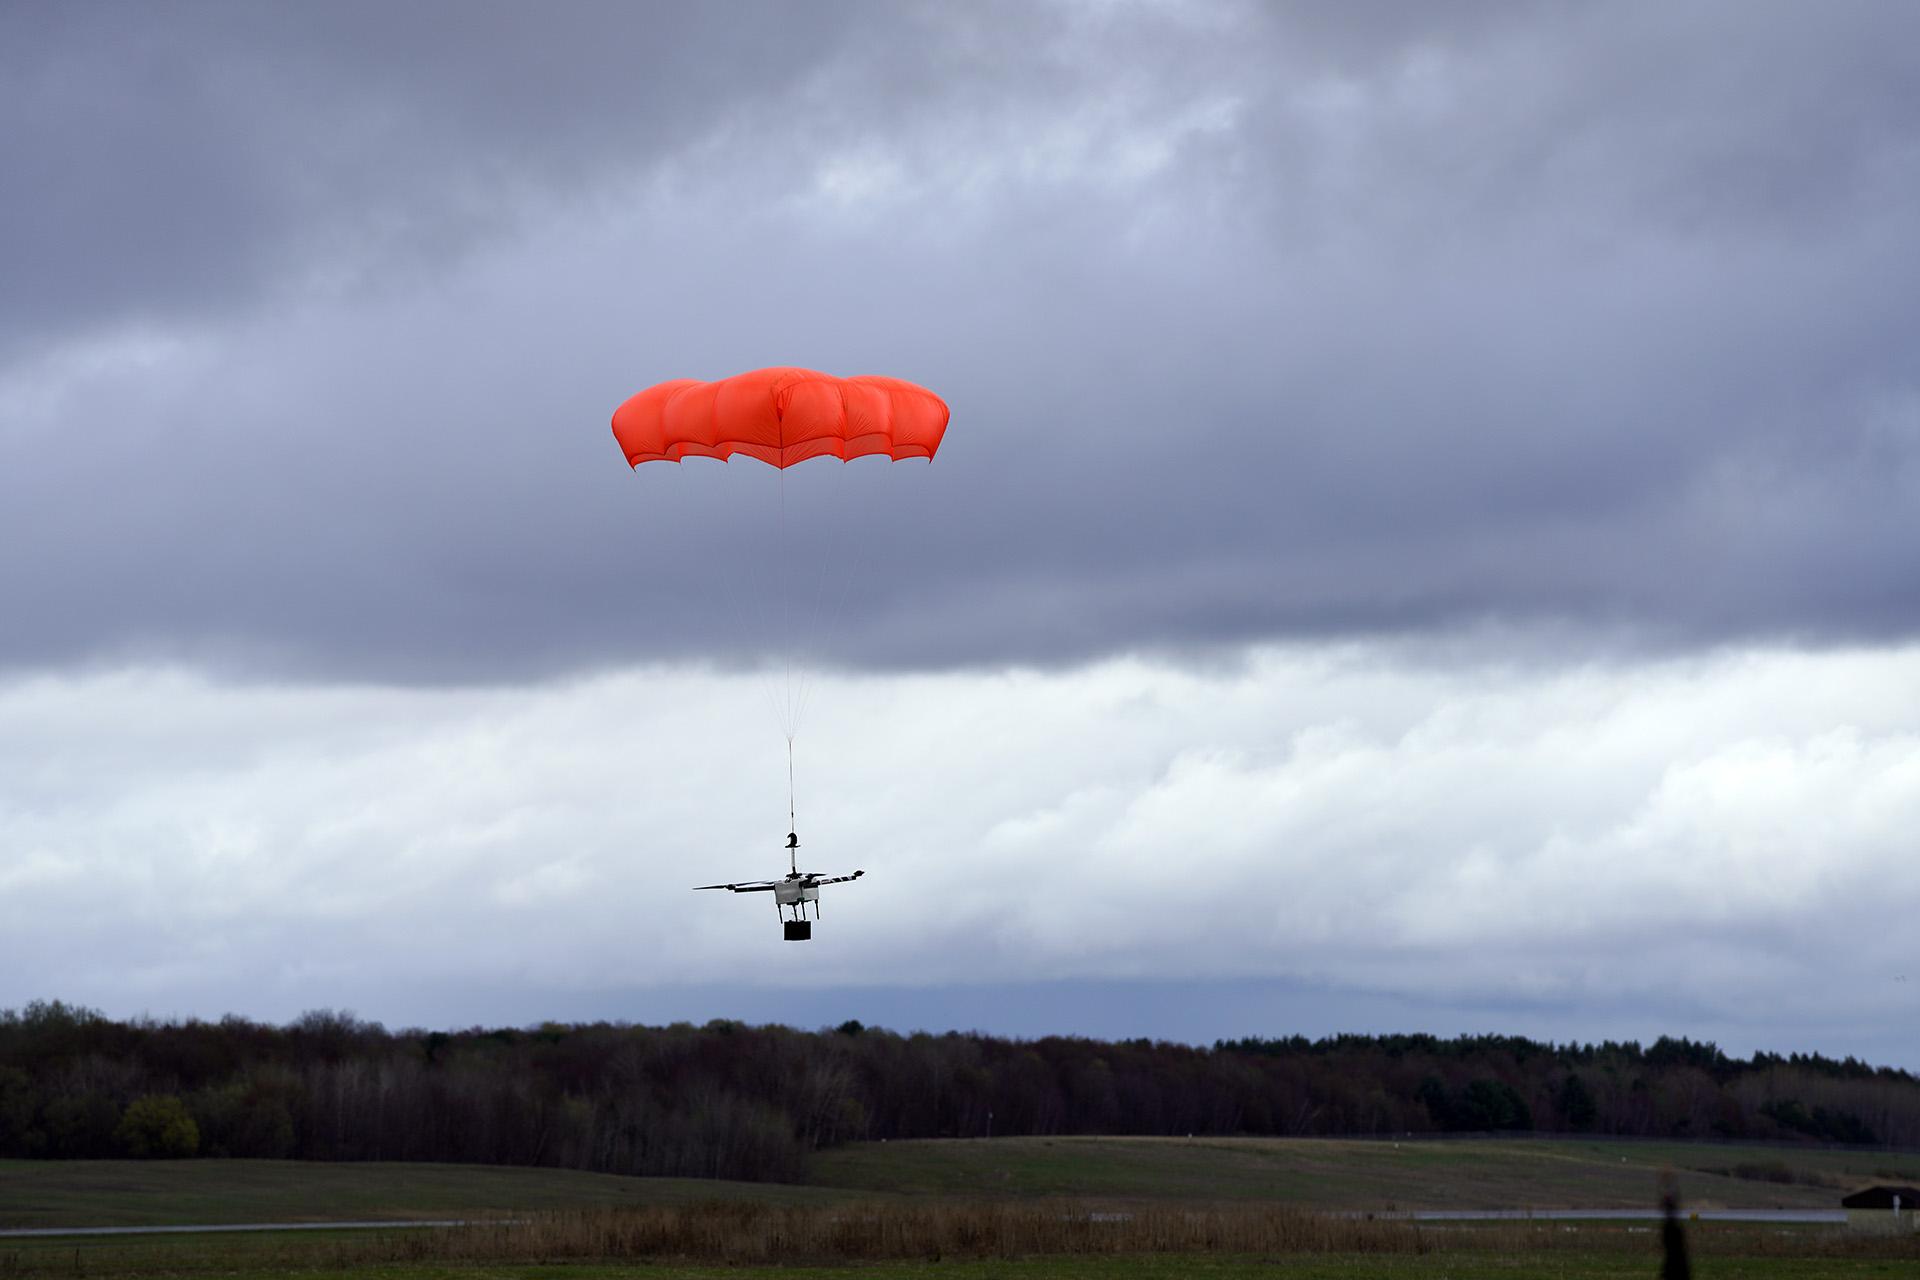 AVSS Parachute Deployed on Horsefly Drone